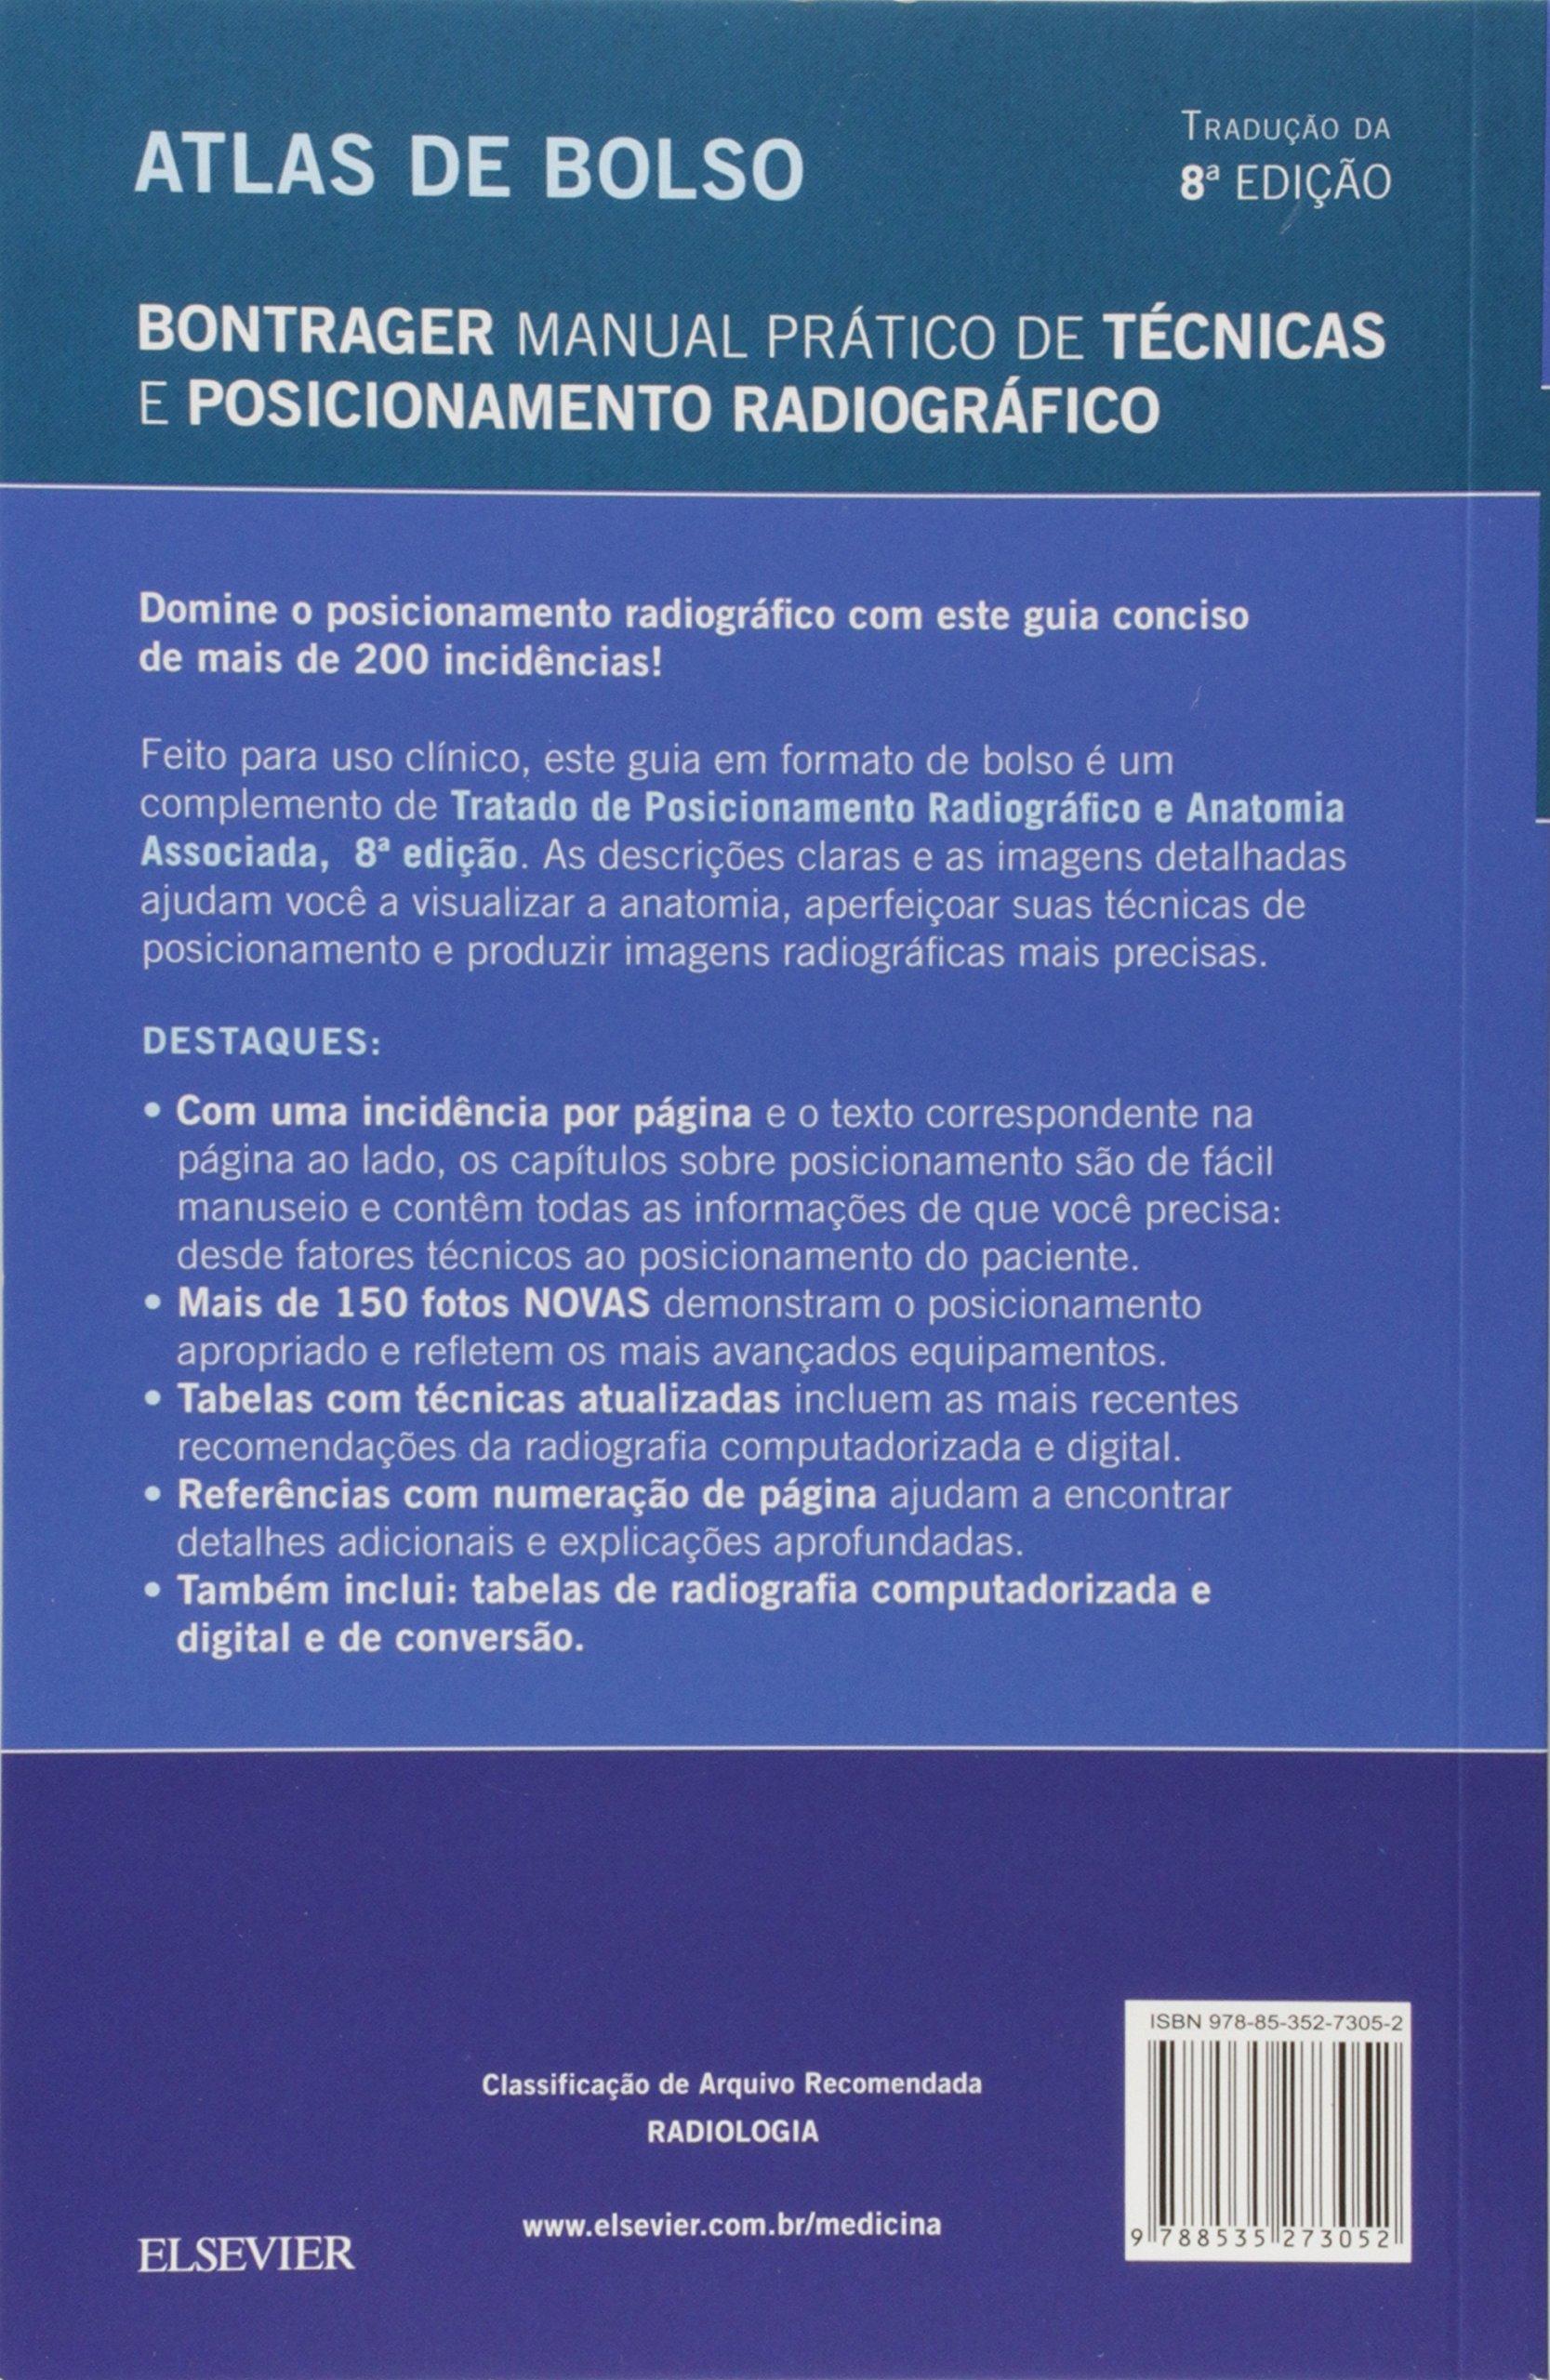 Tratado De Posicionamento Radiografico E Anatomia Associada Pdf